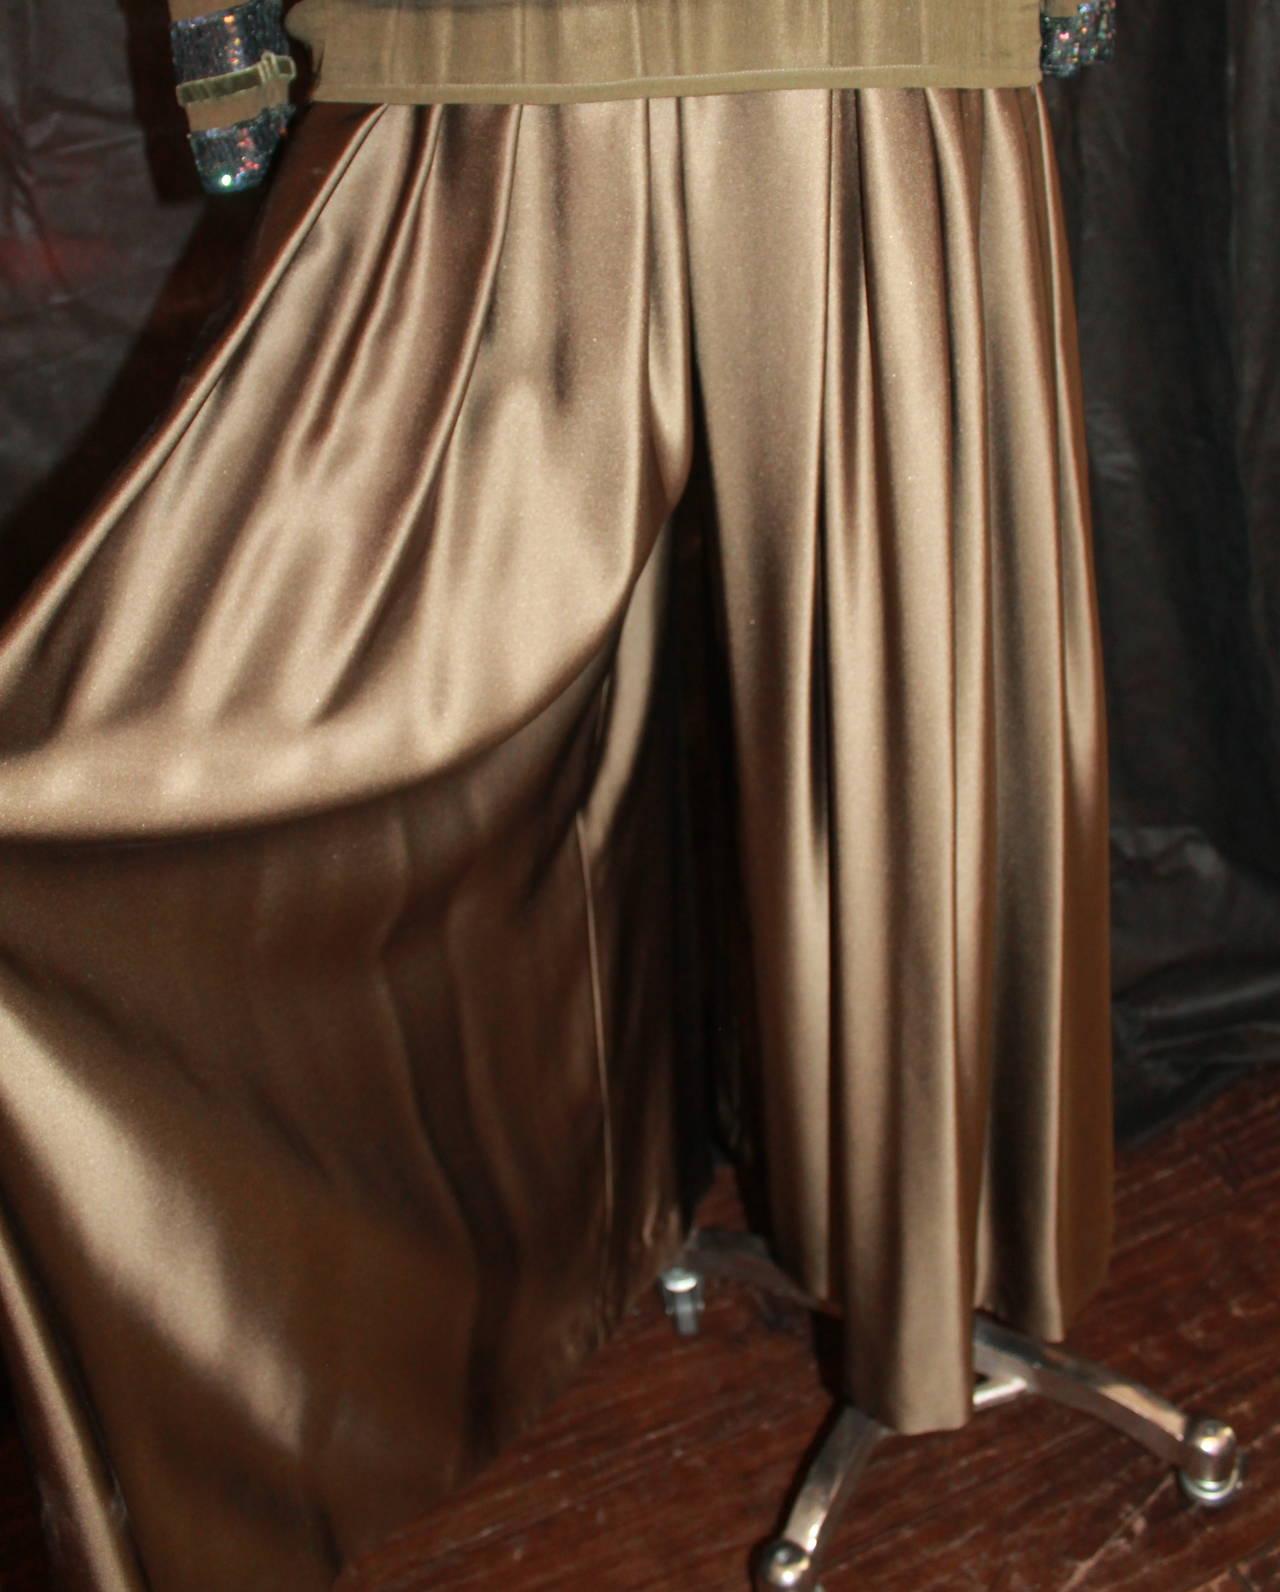 Oscar de la Renta 1970's Vintage Palazzo Pants & Sequin Long Sleeve Top - 6 3